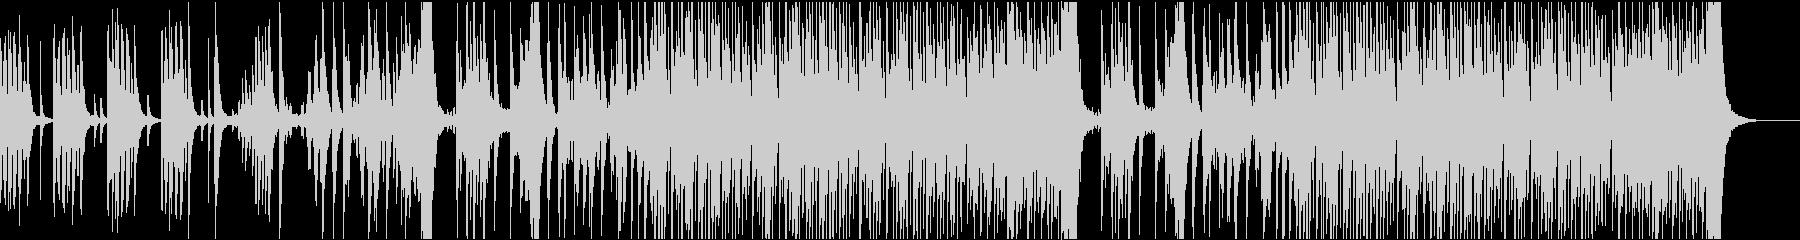 和太鼓、三味線、龍笛によるBGMの未再生の波形